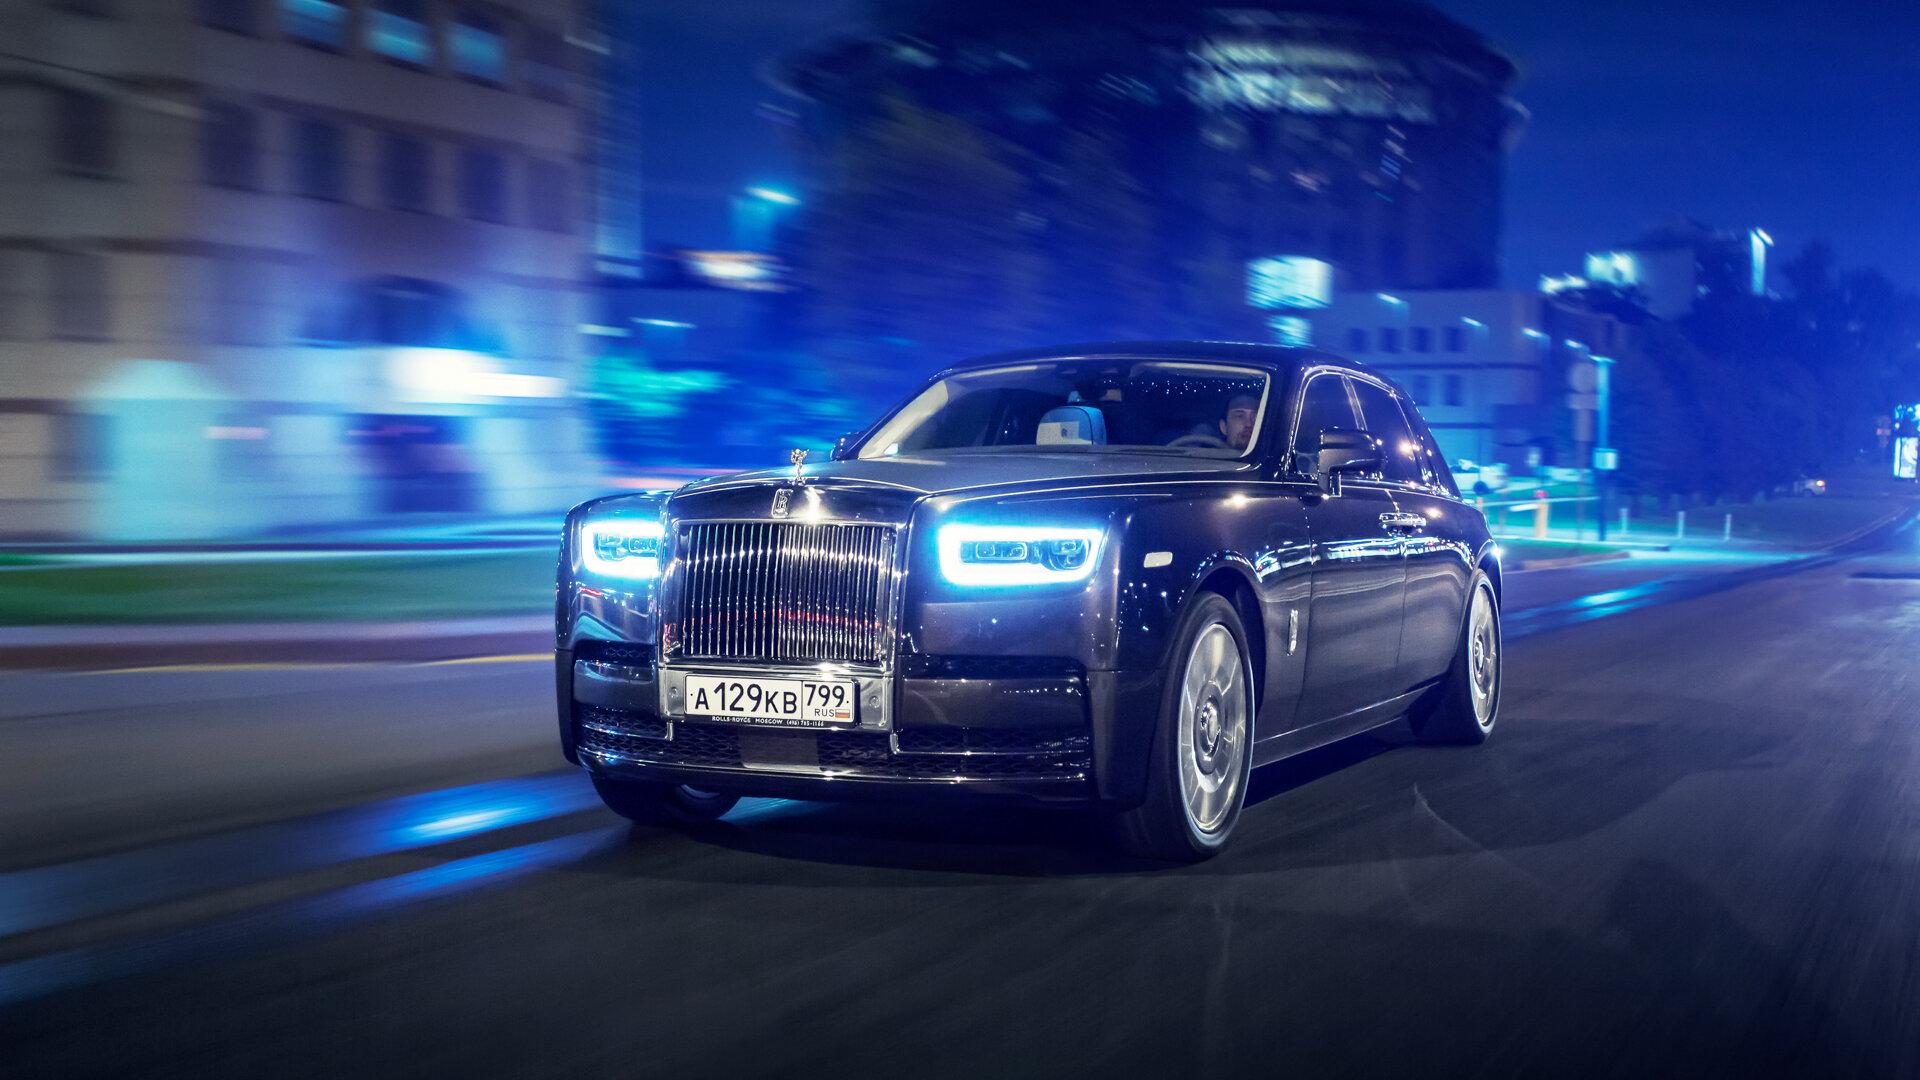 Князь тишины: тест-драйв Rolls-Royce Phantom